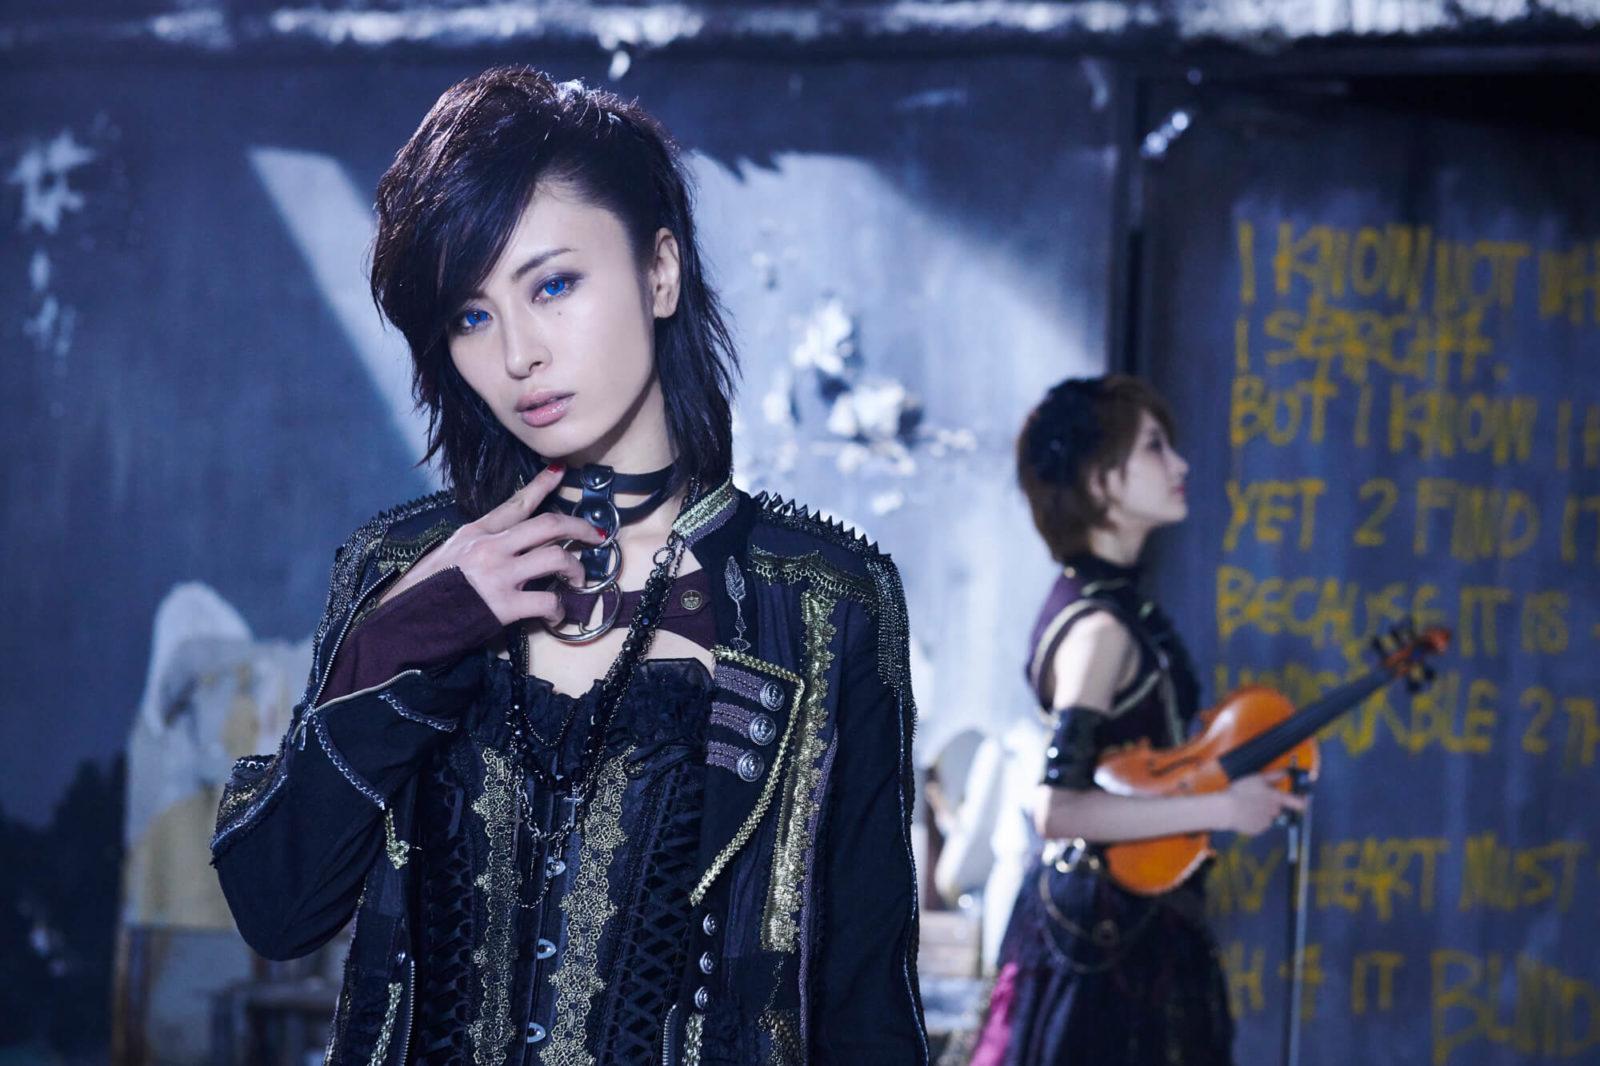 イケメン男装モデルAKIRAとロックバイオリニストAyasaのスペシャルユニット・+Aに聞く「沢山ライブがしたいです」画像65158